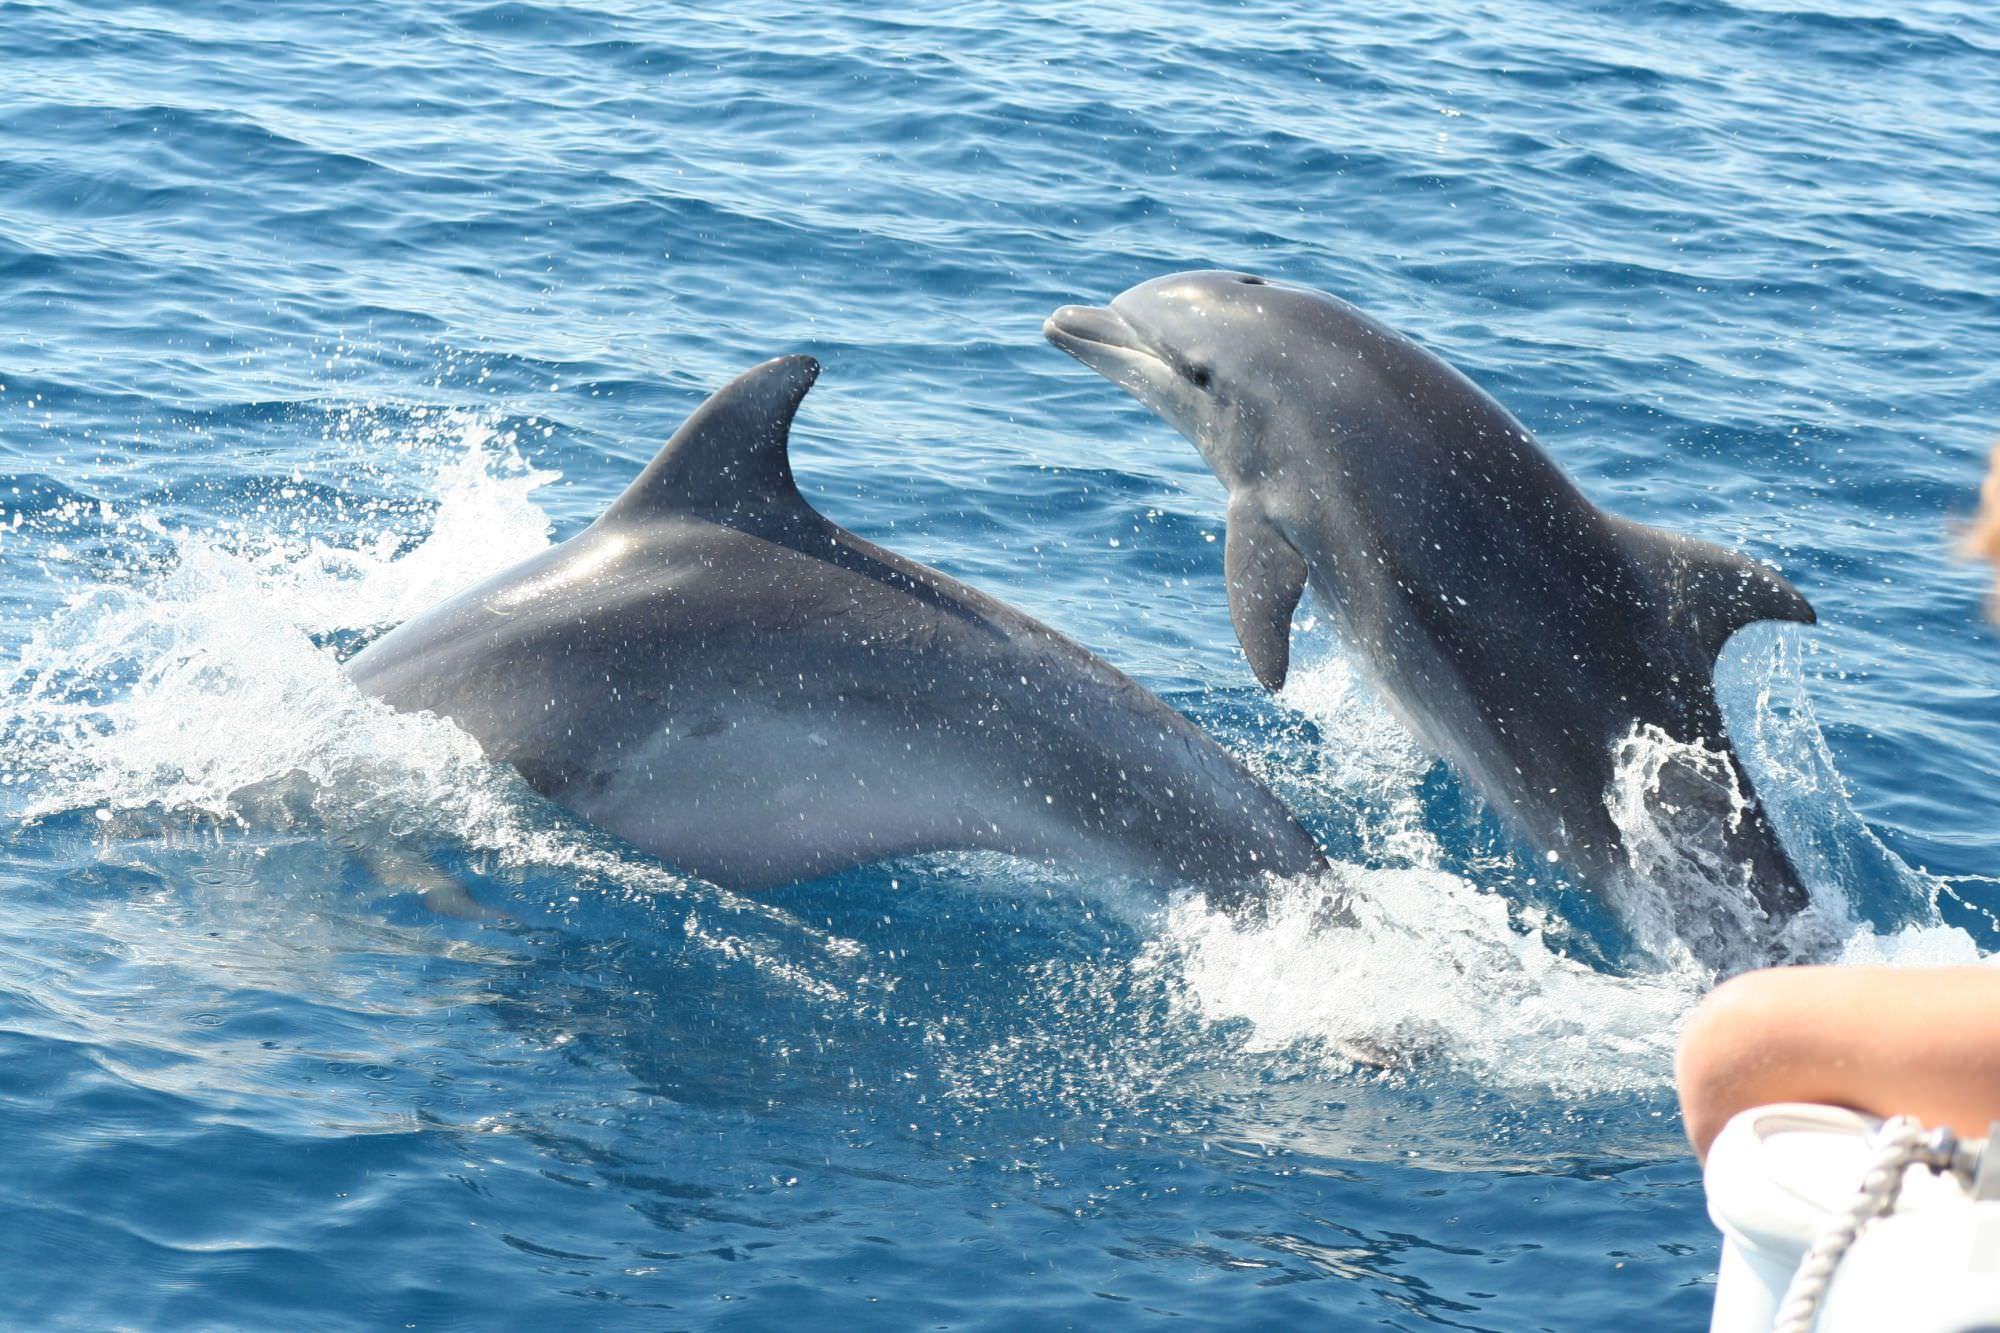 Escursioni in mare aperto alla scoperta dei delfini